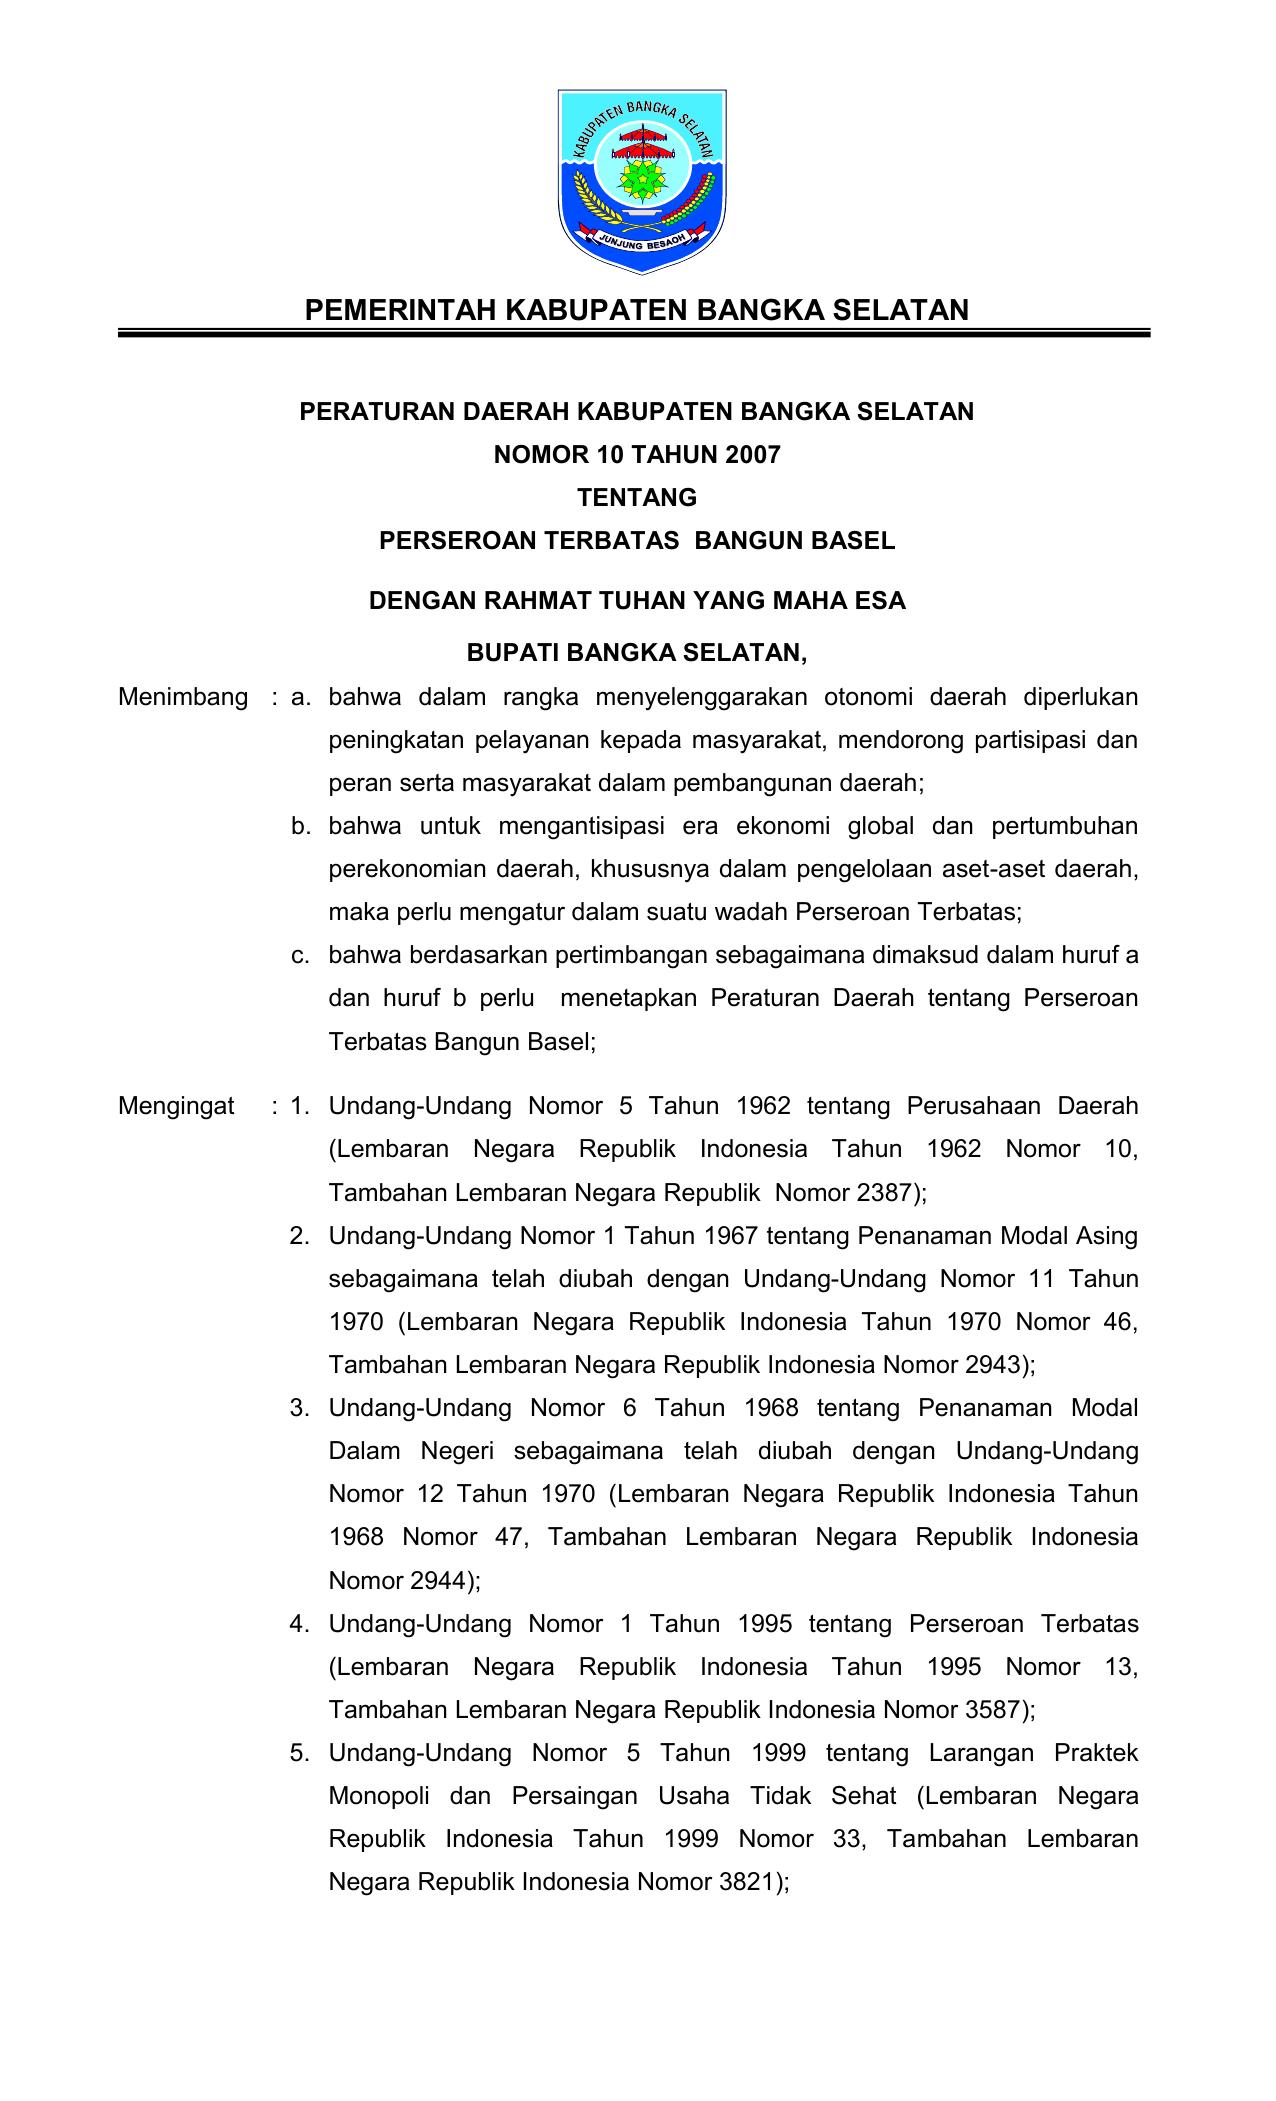 Peraturan Daerah Kabupaten Bangka Selatan